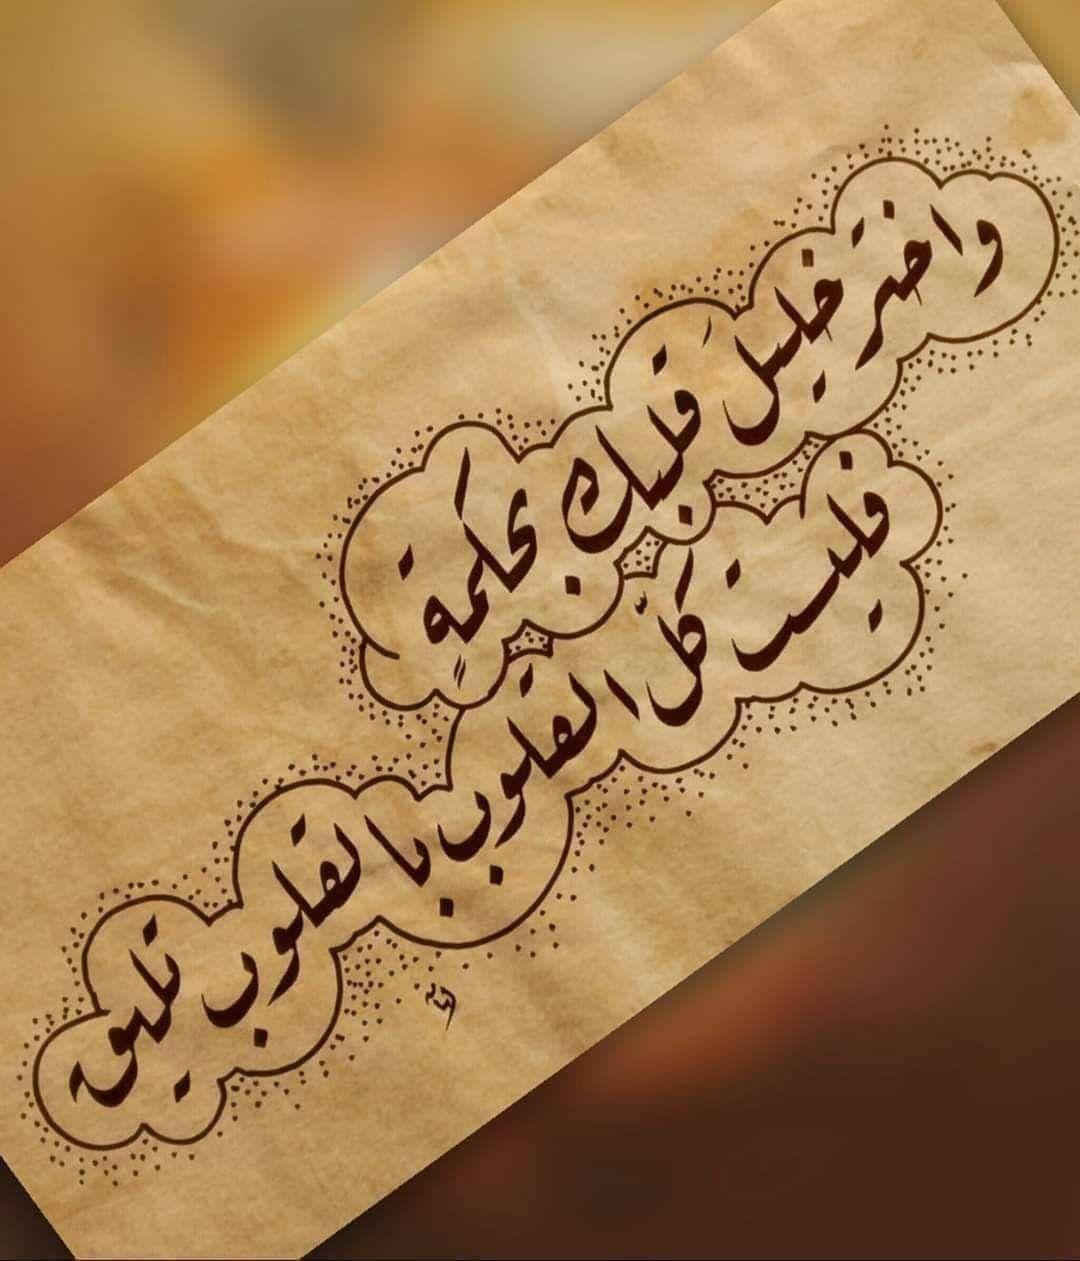 لاتحرق كتابك من أجل صفحة سوداء فقط أطوها بلطف أو أنزعها بعنف Love Quotes With Images Arabic Quotes Arabic Love Quotes